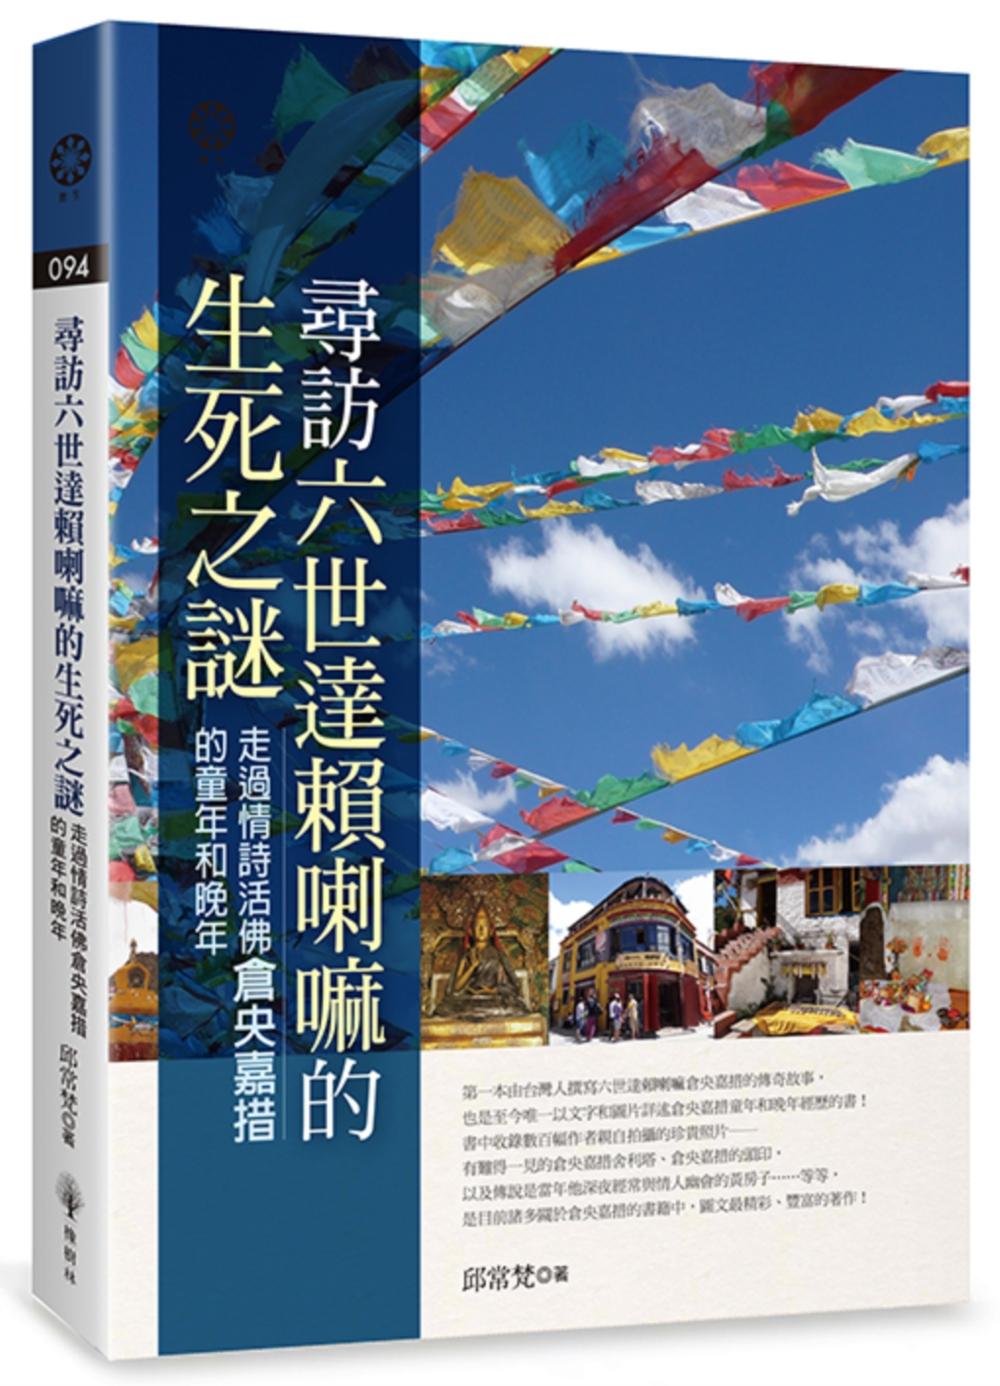 尋訪六世達賴喇嘛的生死之謎:走過情詩活佛倉央嘉措的童年和晚年